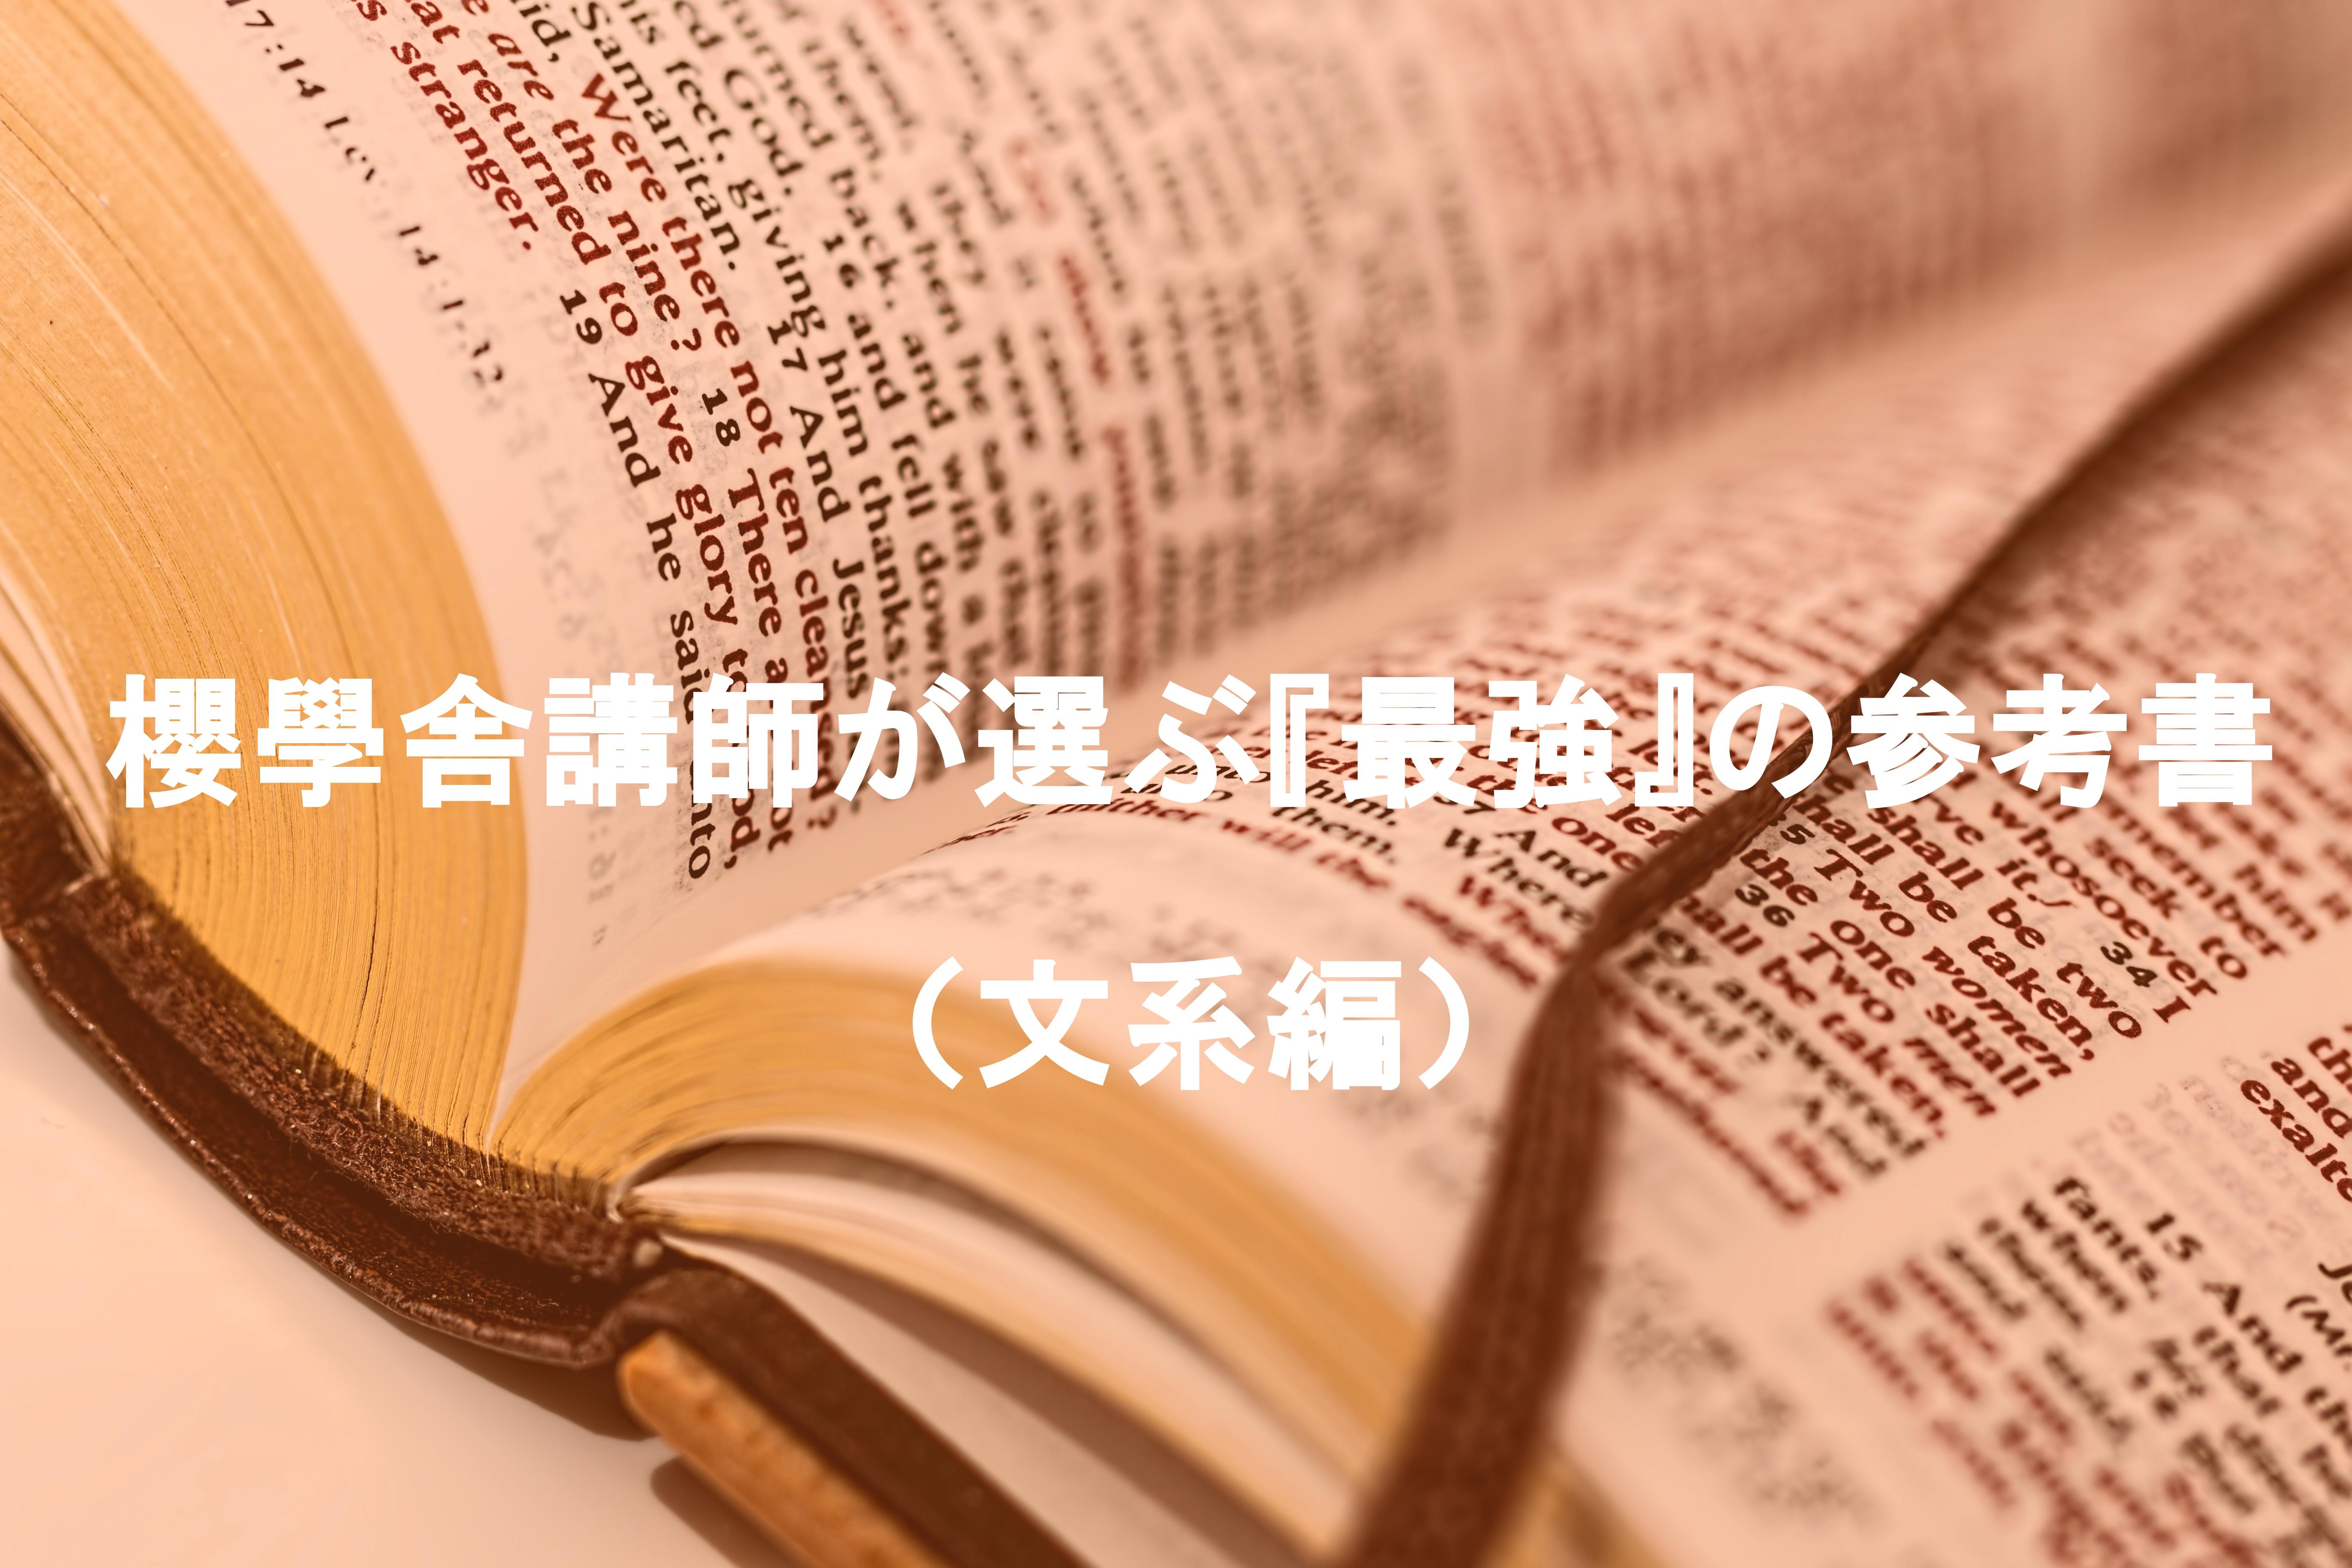 櫻學舎講師が選ぶ『最強』の参考書(文系編)